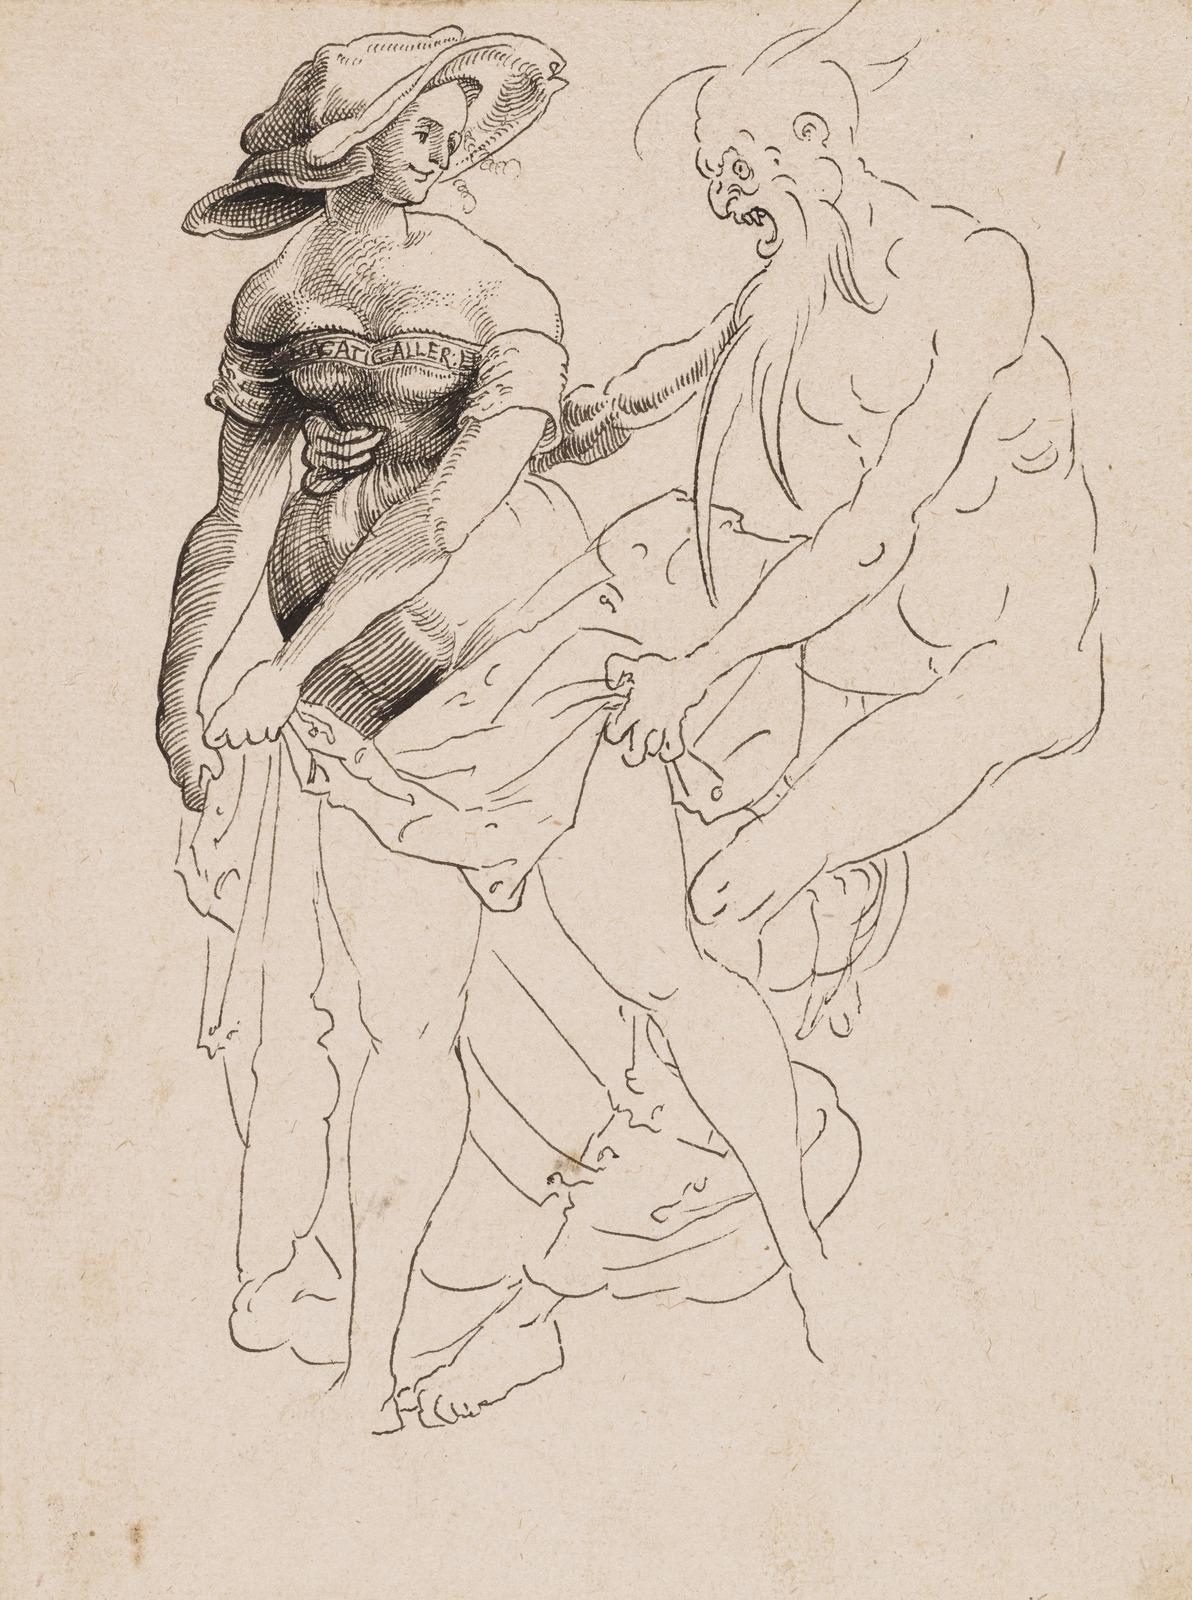 Похотливый старик и молодая шлюха (Lusterner Alter und junge Dirne)_ок.1518_19.5 х 14_бумага, перо черным тоном_Базель, Кунстмузеум.jpg